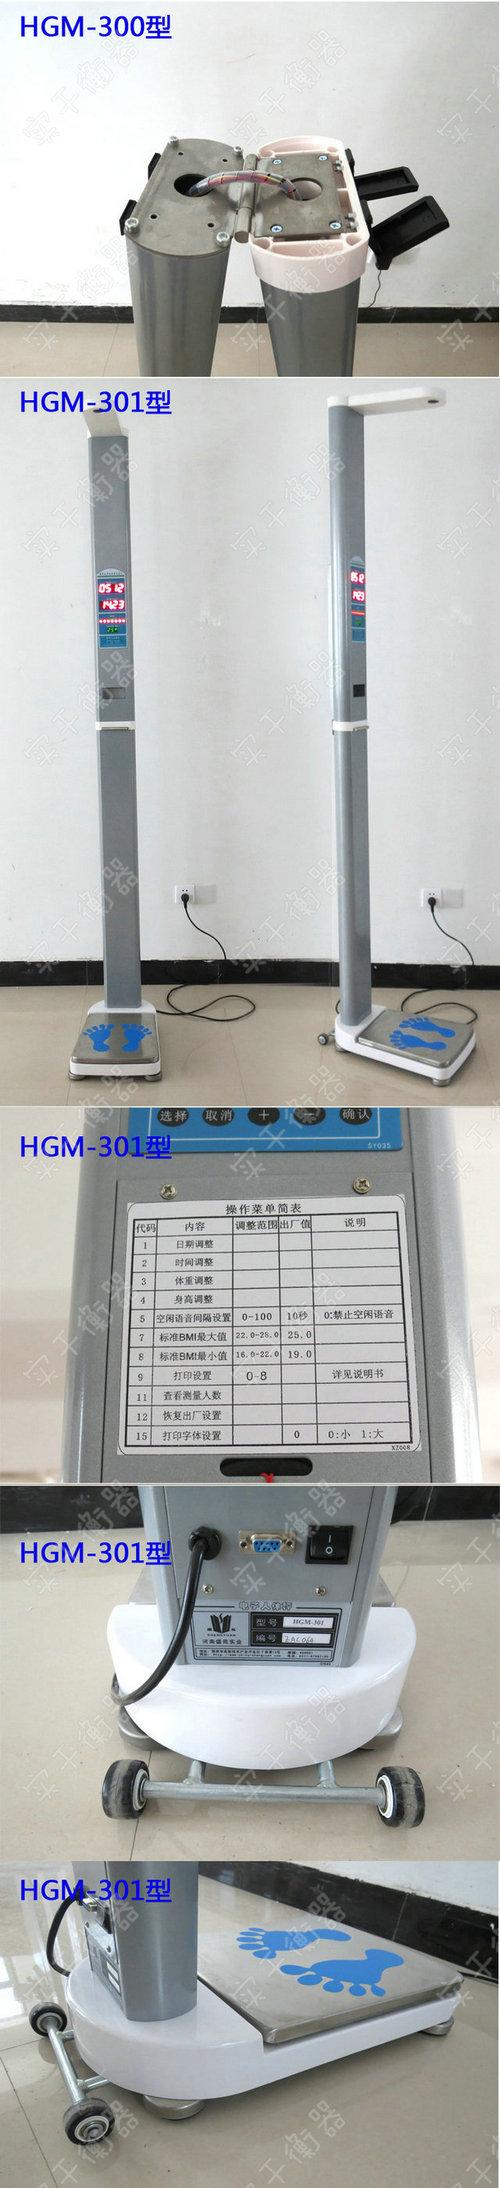 折叠型身高体重测量仪